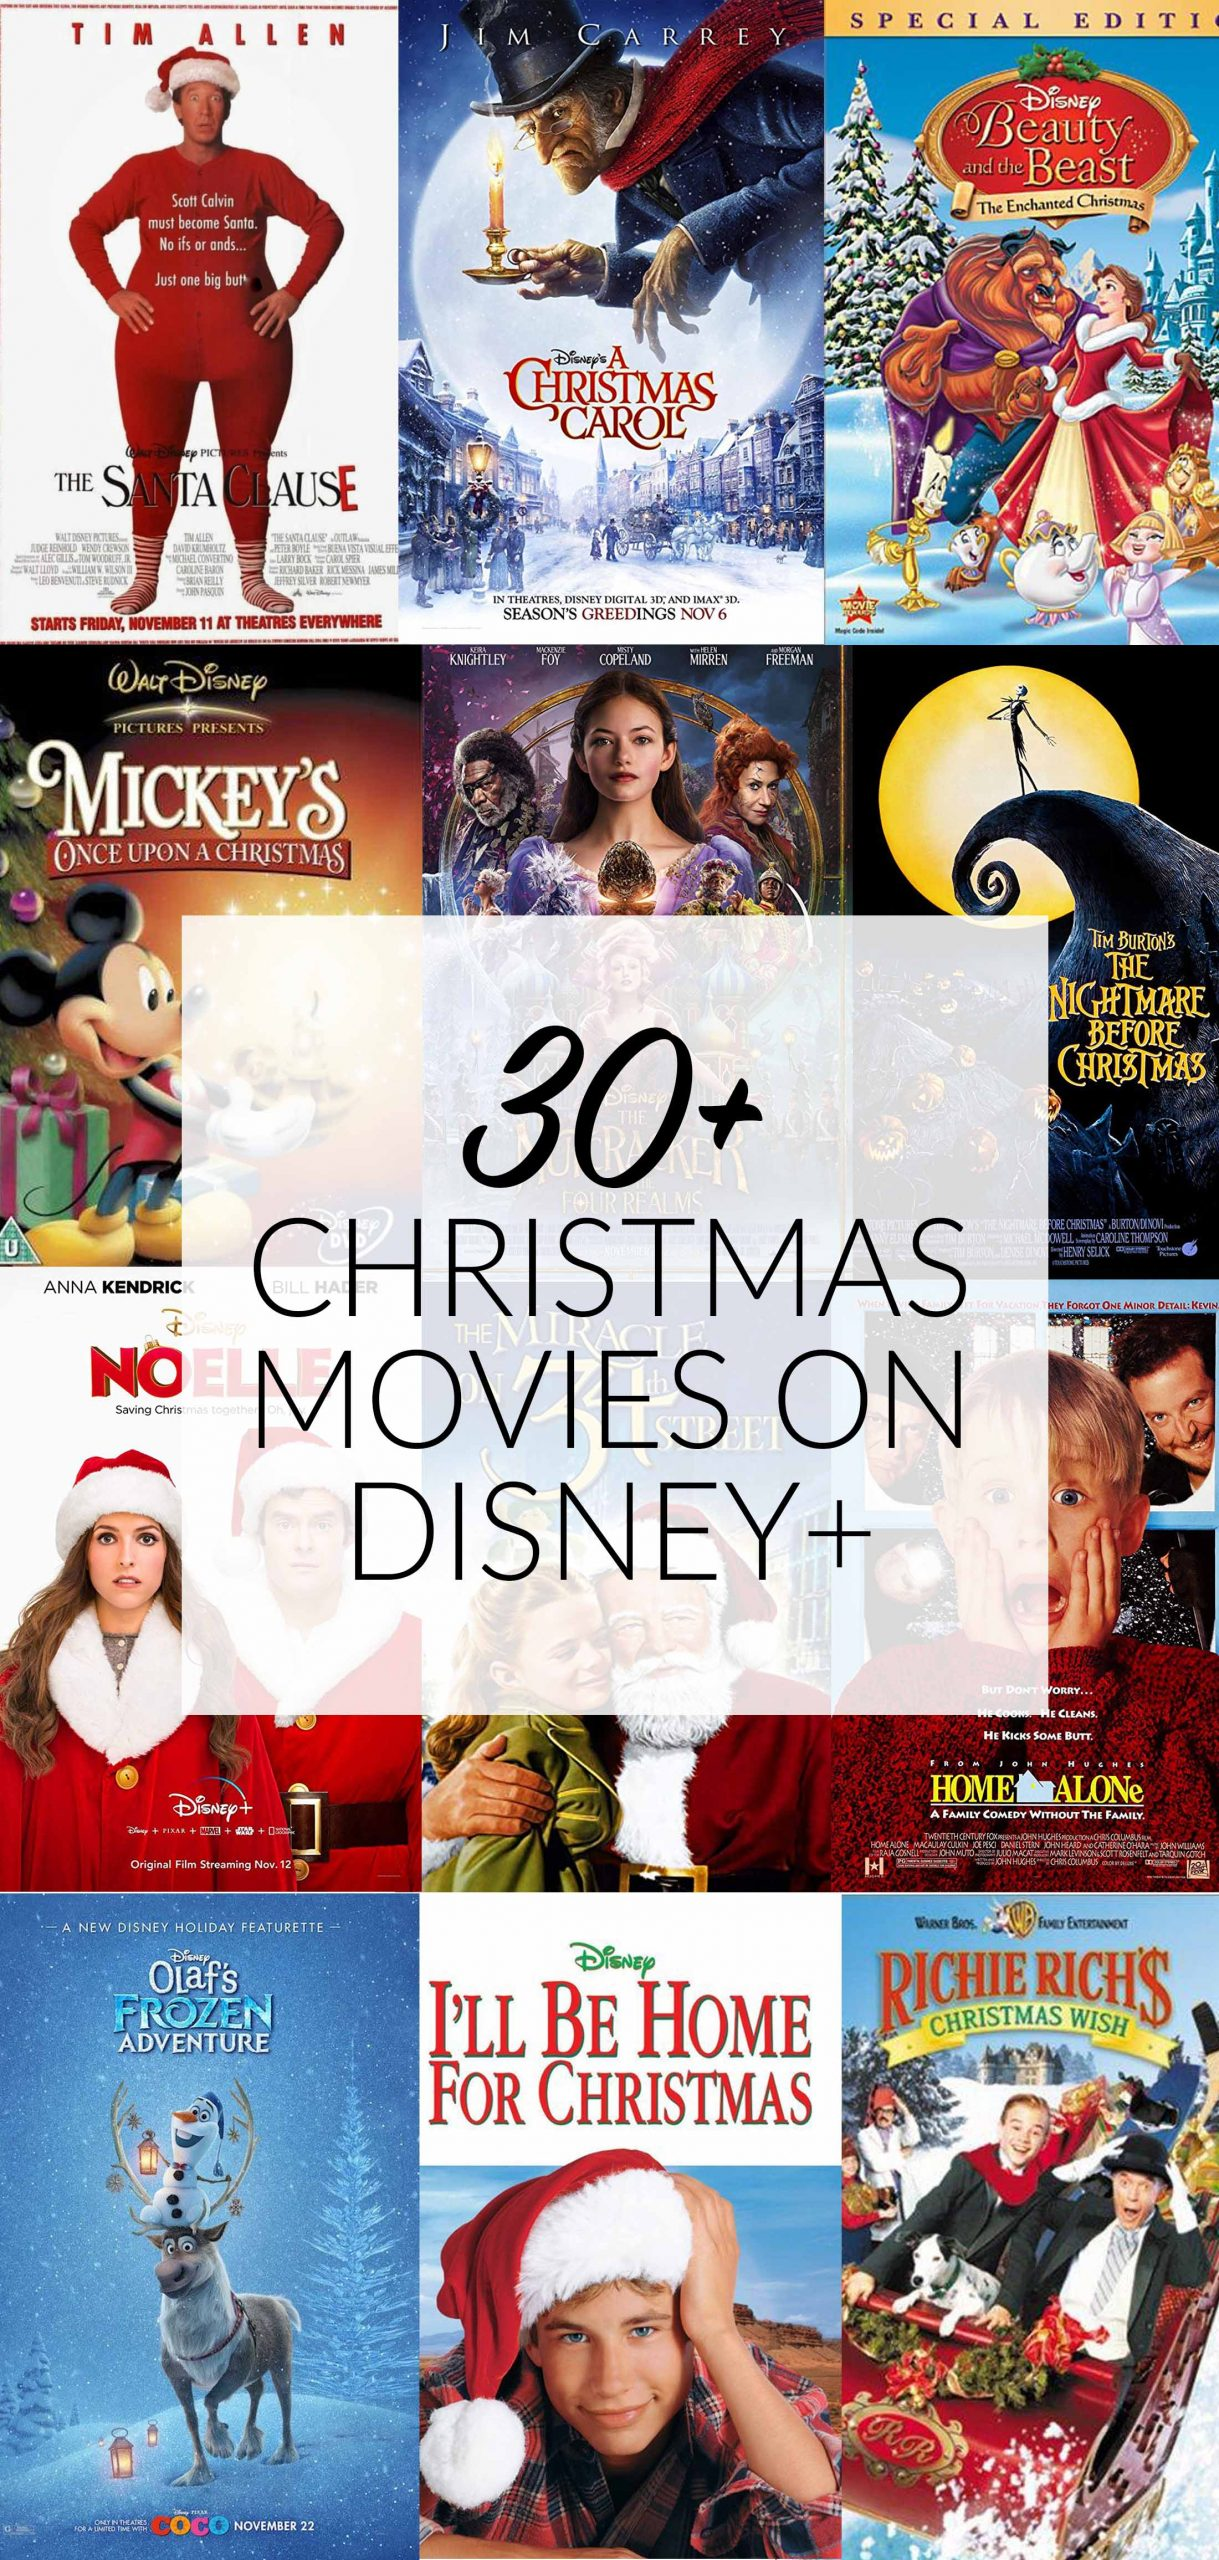 30+ Christmas Movies on Disney+ – Popcorner Reviews